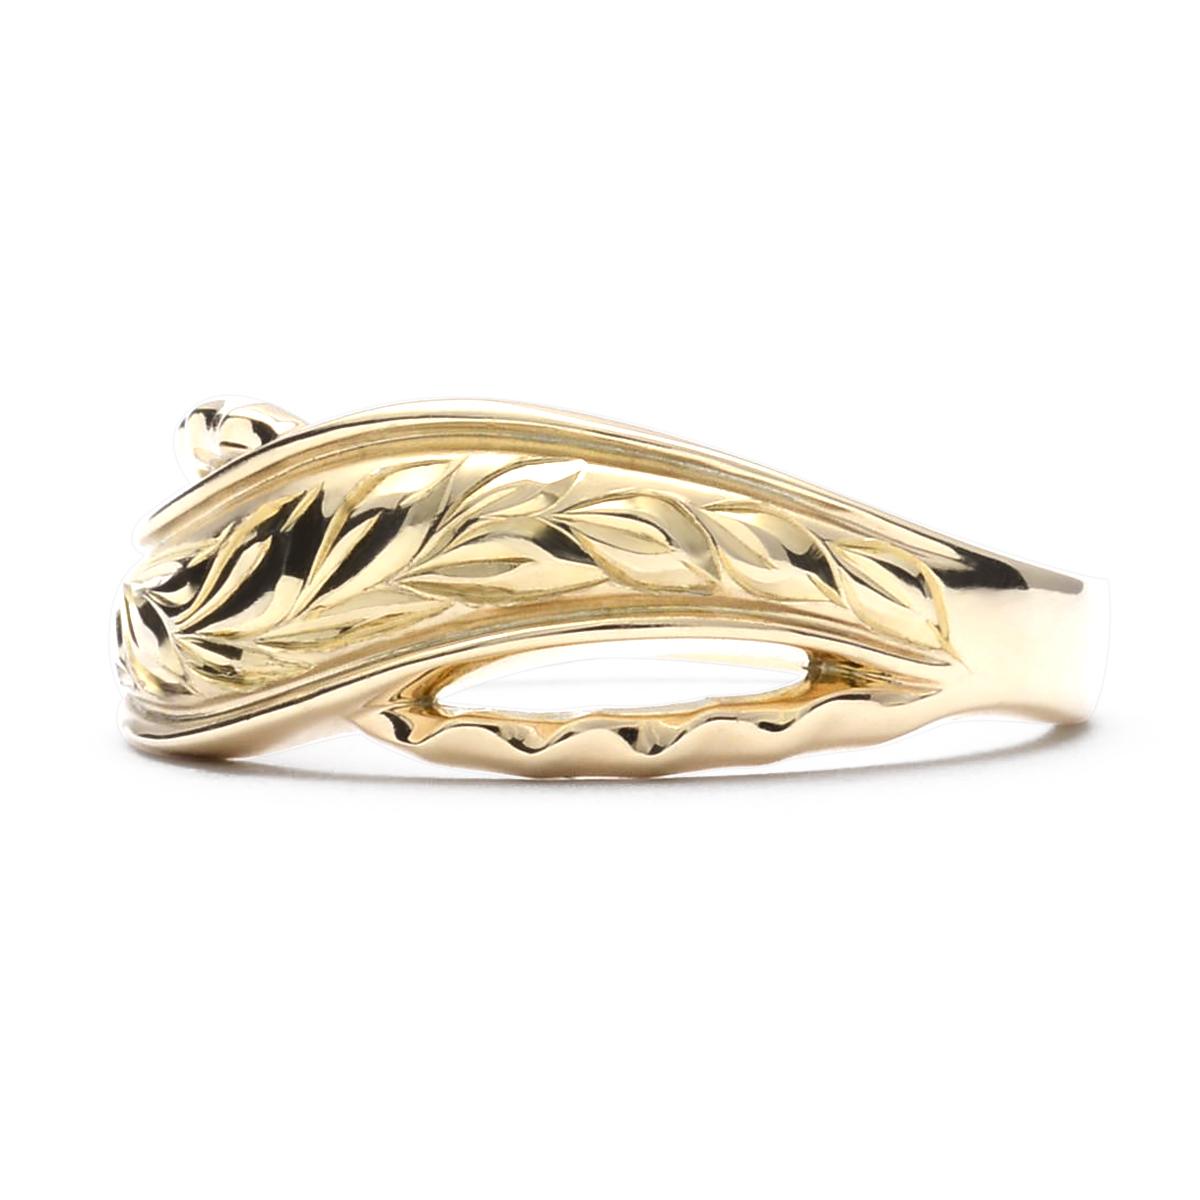 ハワイアンジュエリー リング 指輪 K18 ゴールド マイレウェーブリング 18金 k18 ゴールド イエローゴールド ピンクゴールド ari1457k18/新作